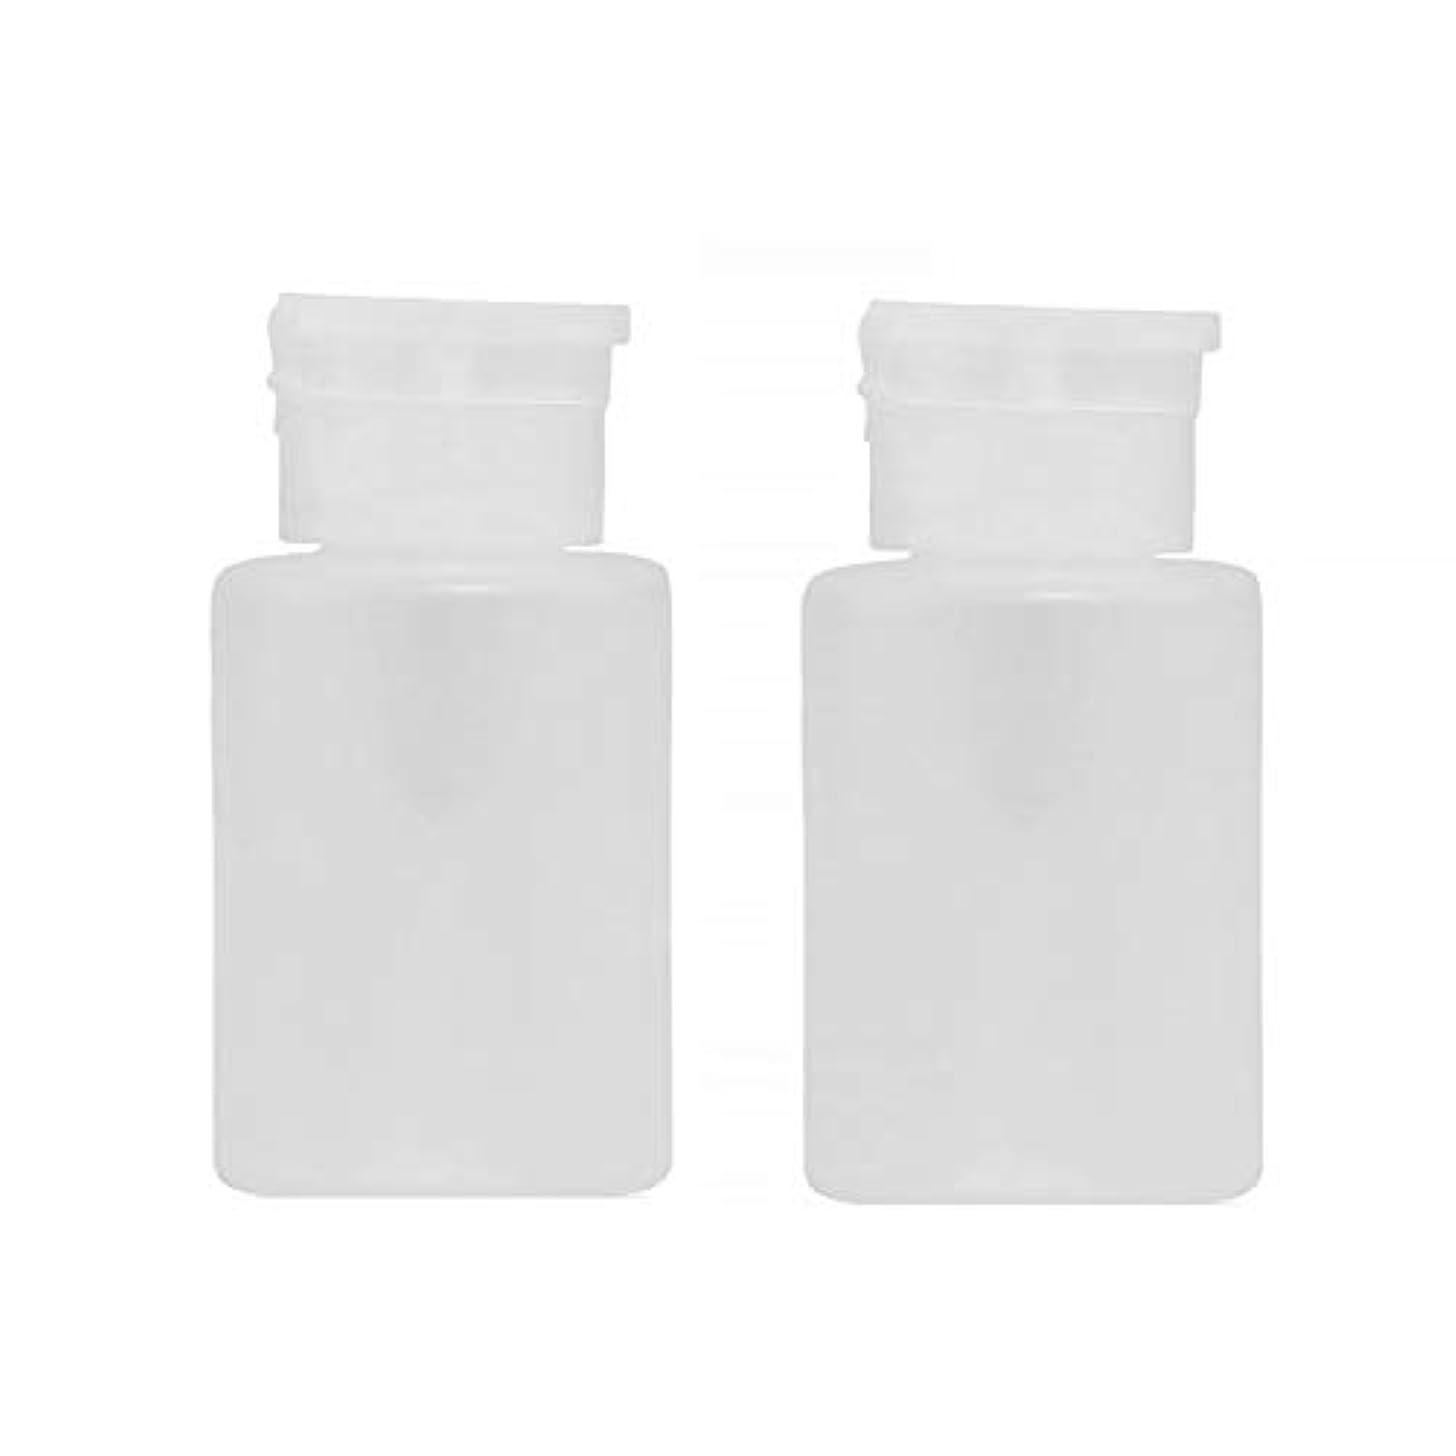 洗練されたより良い確率120ミリリットルプロネイル吐出ポンプボトル、空のプラスチックボトルクリア化粧ケースホワイト2